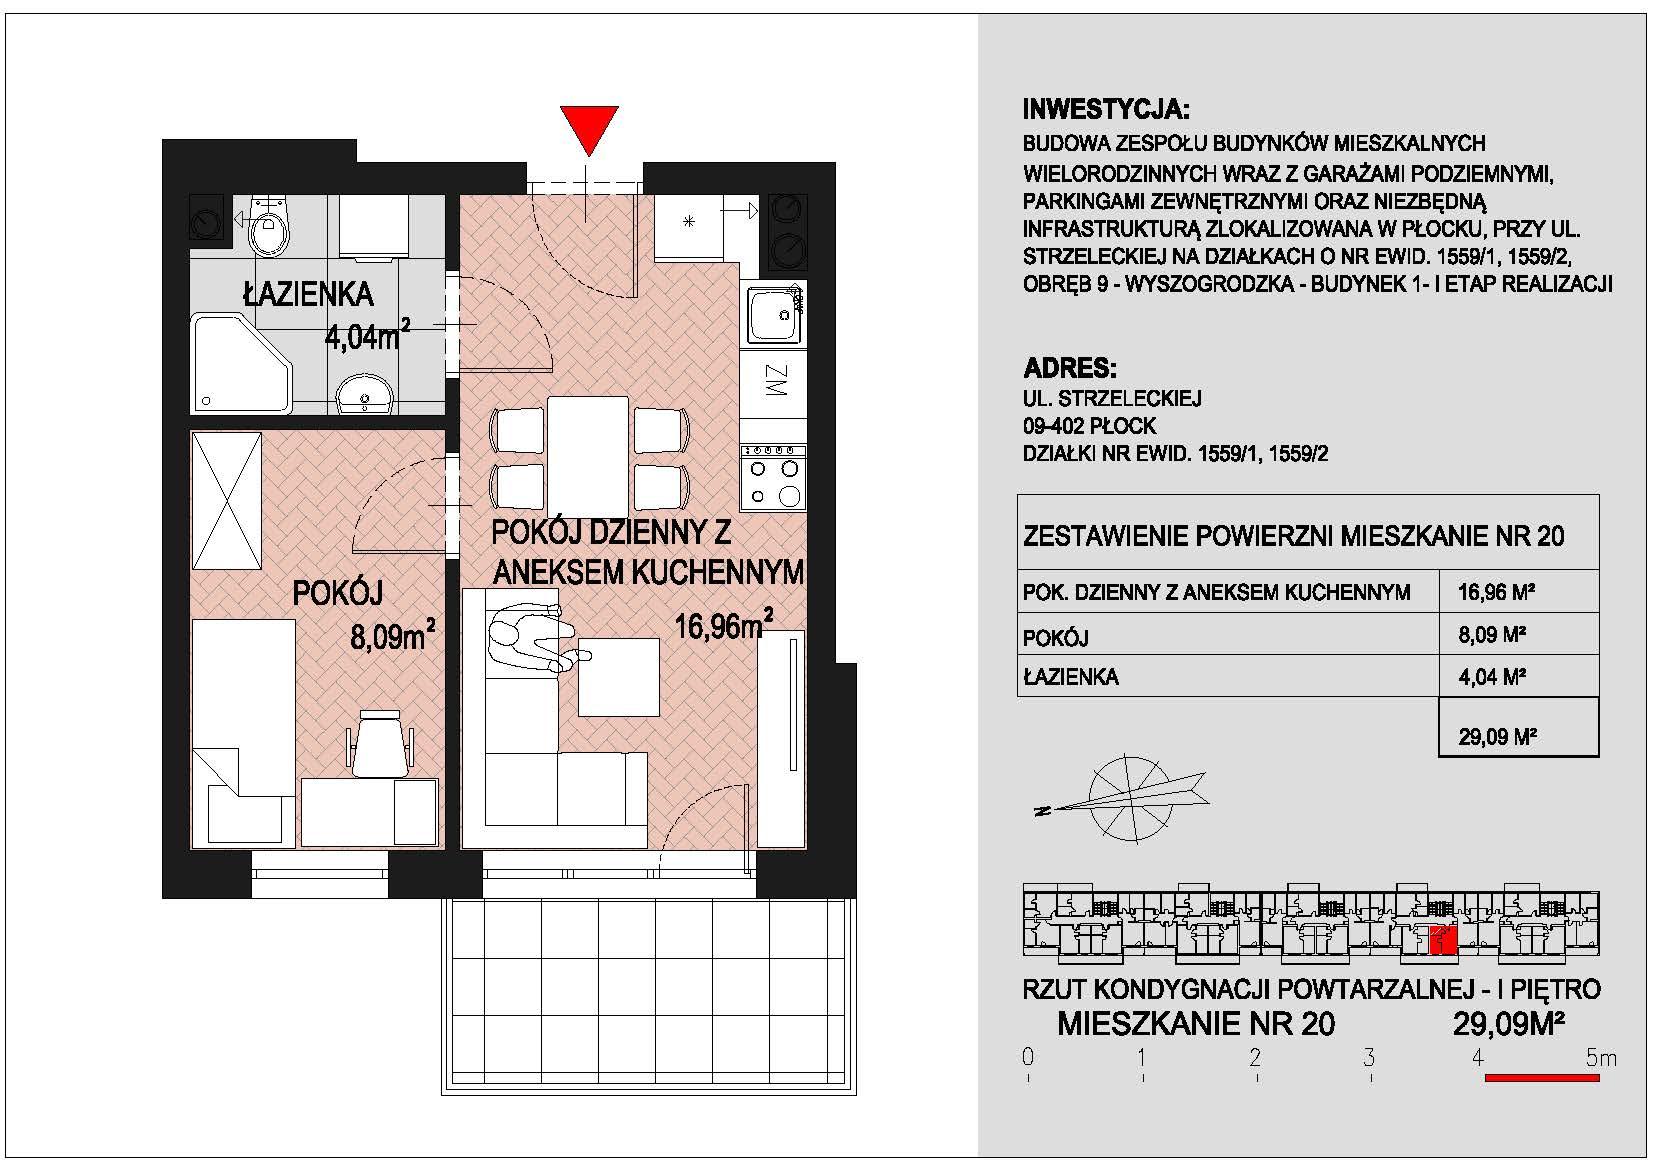 mieszkanie nr 20 PIK Płock